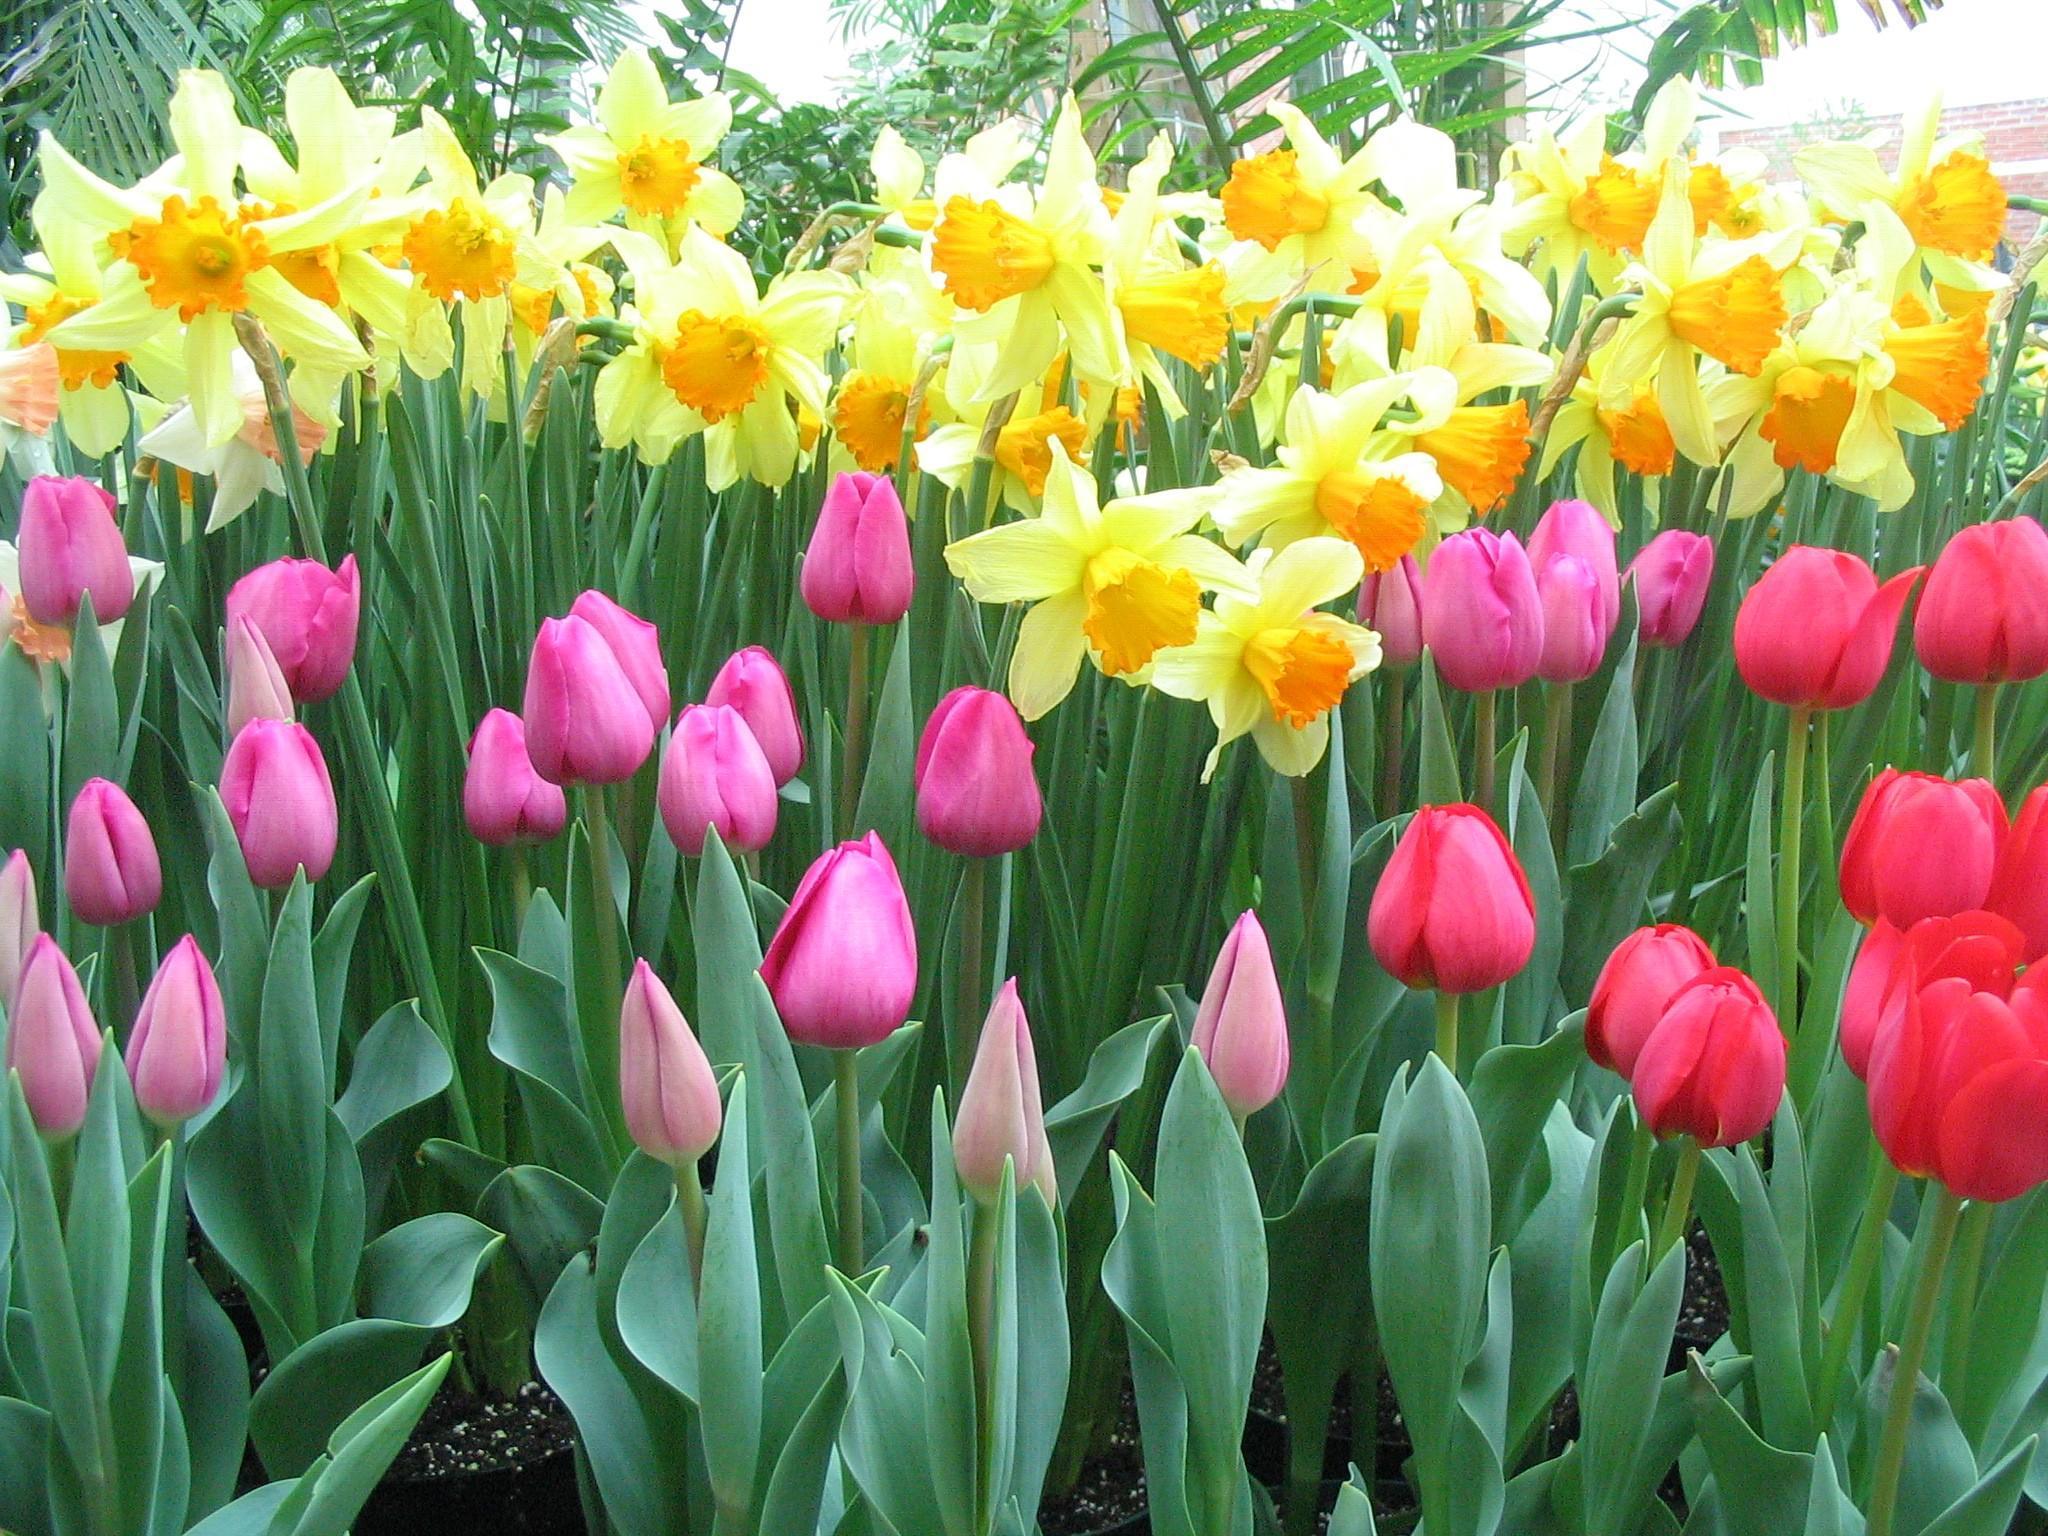 Bethlehem garden centre tauranga flowers bulbs seeds mightylinksfo